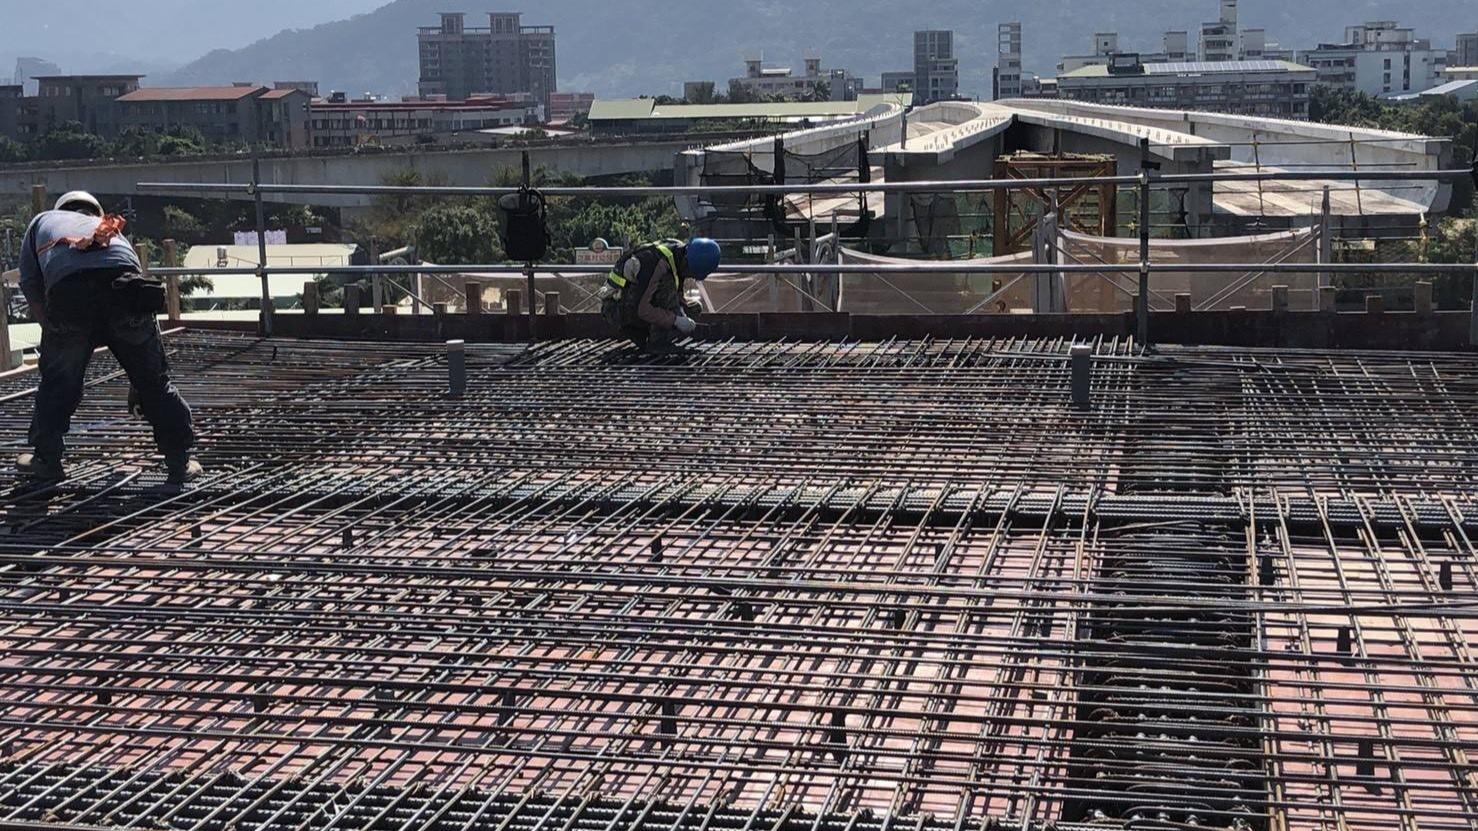 鶯歌國華街LB10車站月臺版鋼筋組立作業